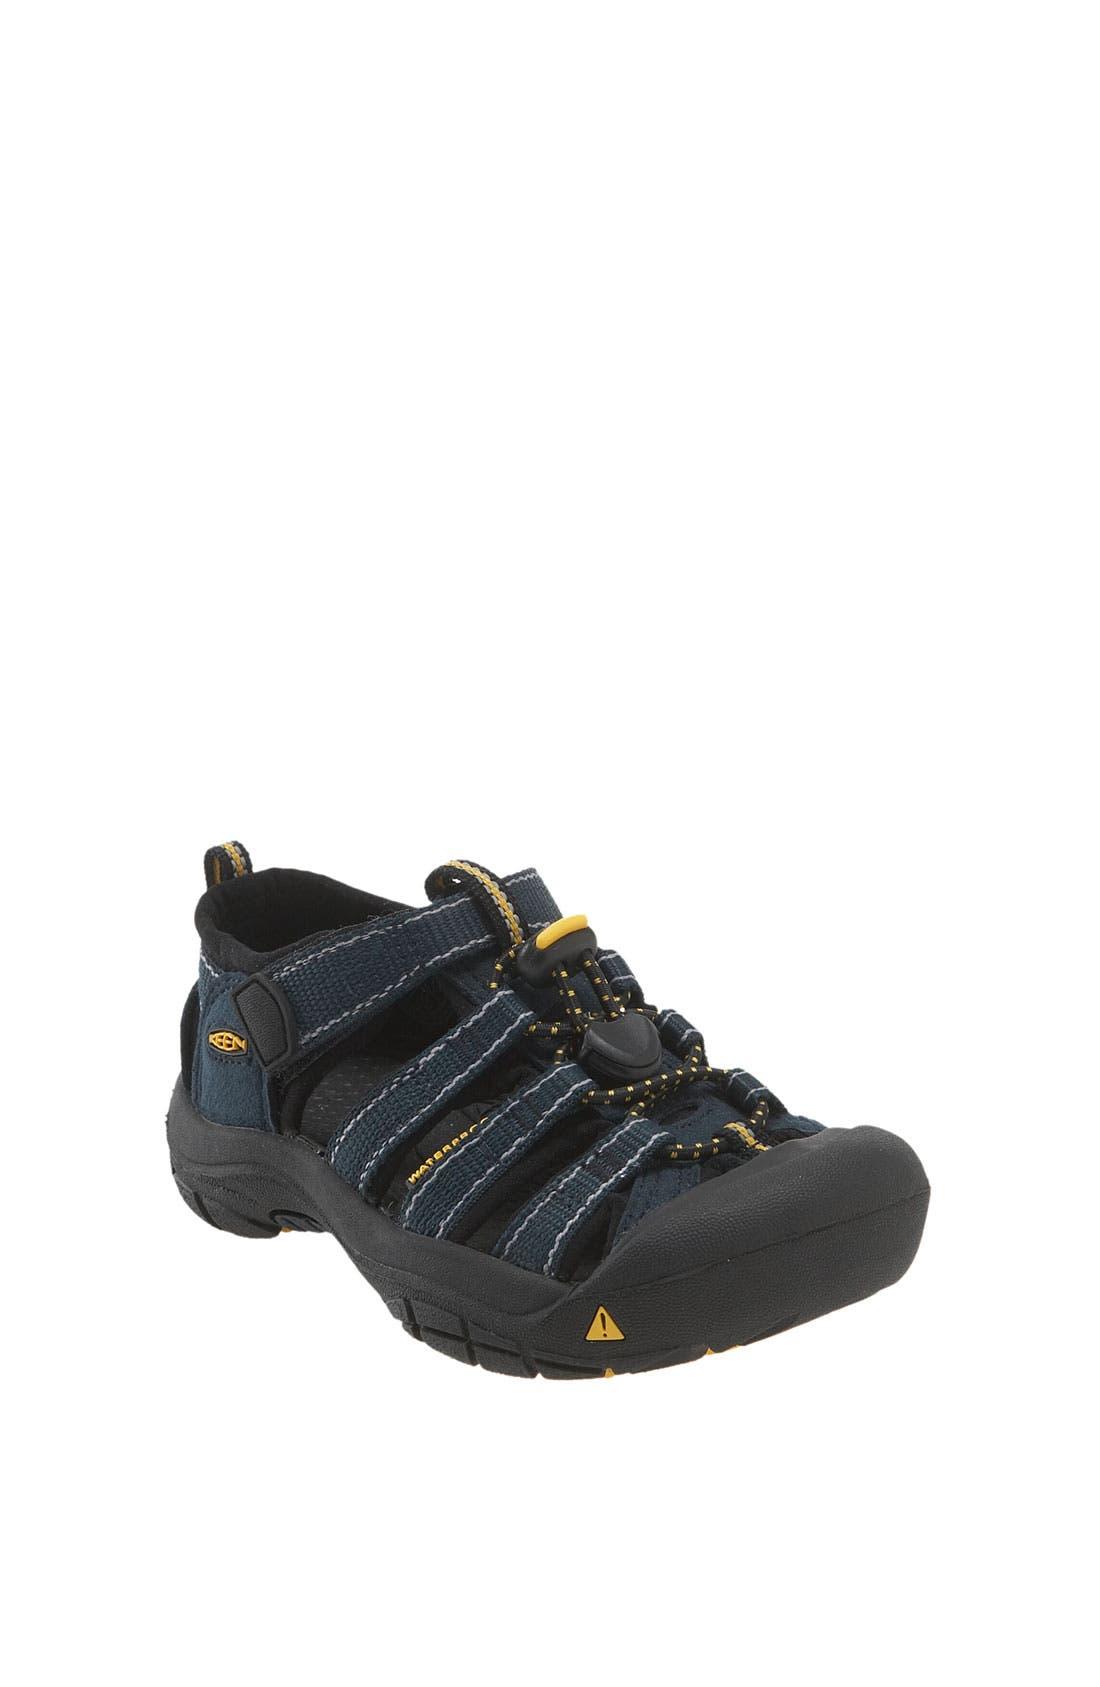 Alternate Image 1 Selected - Keen 'Newport H2' Waterproof Sandal (Toddler, Little Kid & Big Kid)